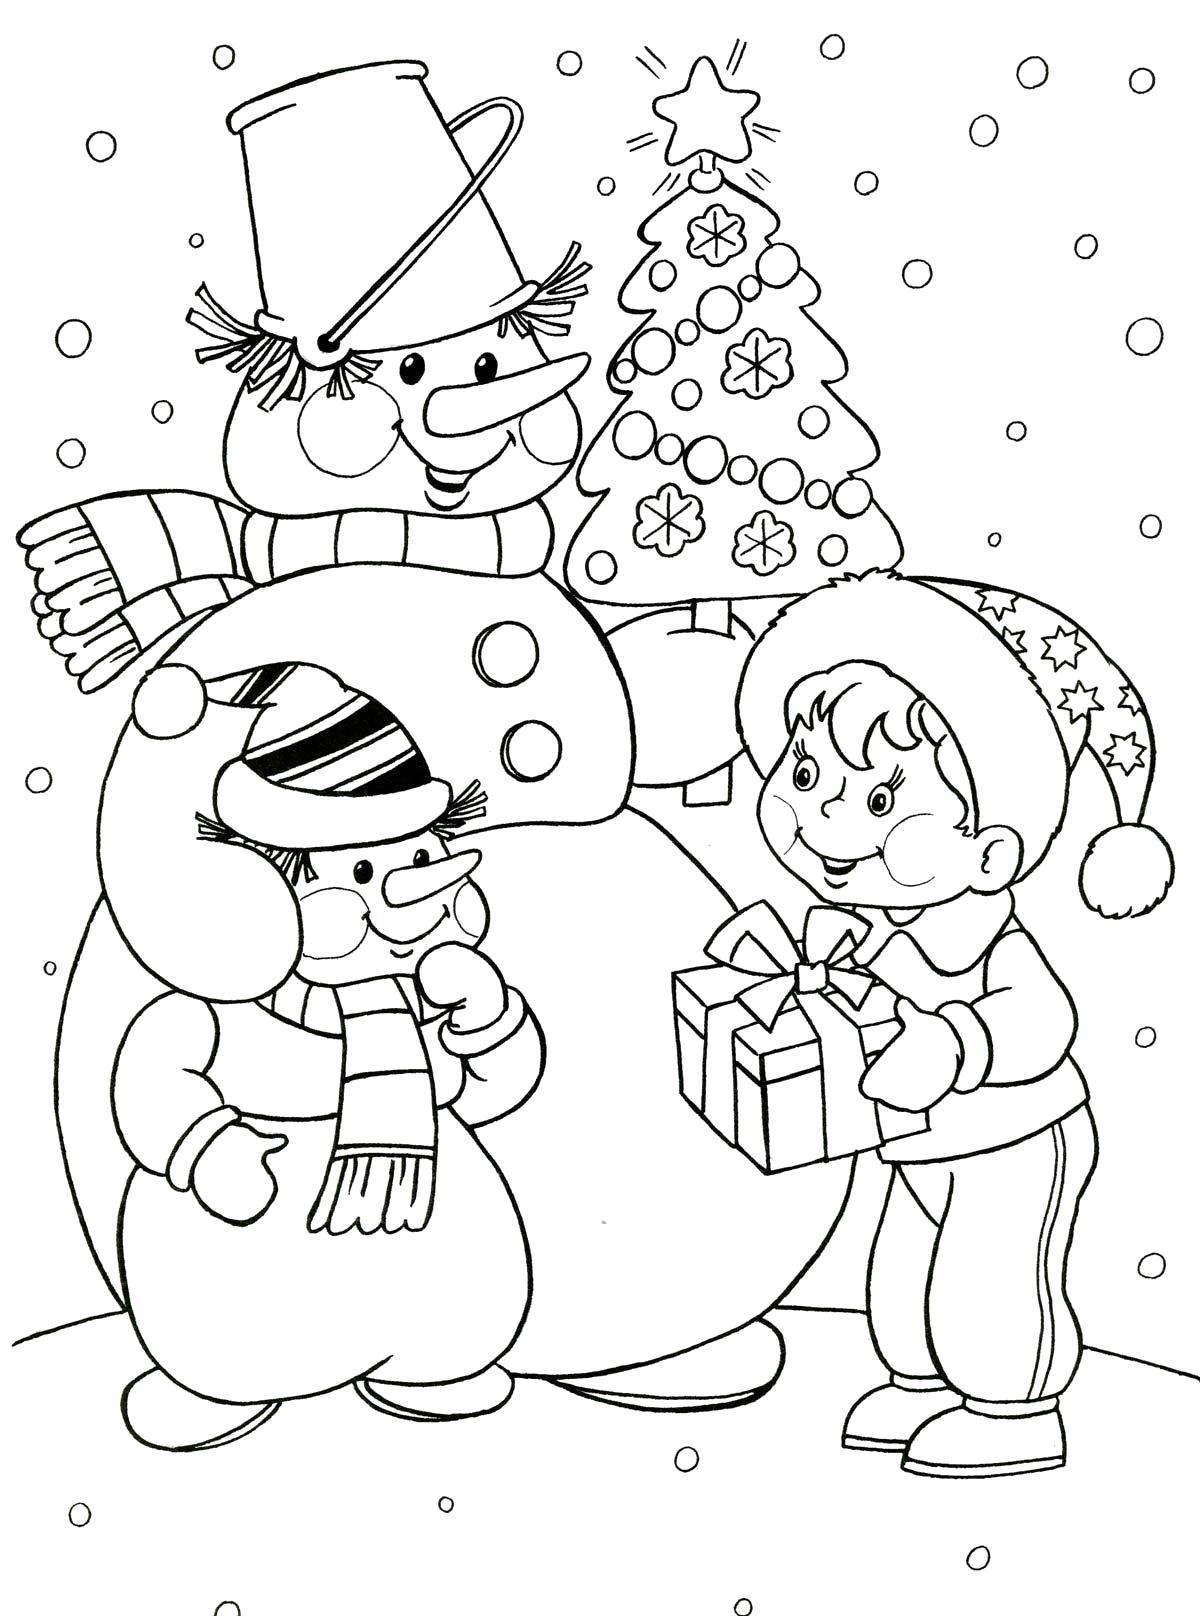 Раскраска Снеговик с малышом снеговичком, мальчик с подарком, елочка украшенная игрушками, идет снег . Скачать снеговик.  Распечатать Зима